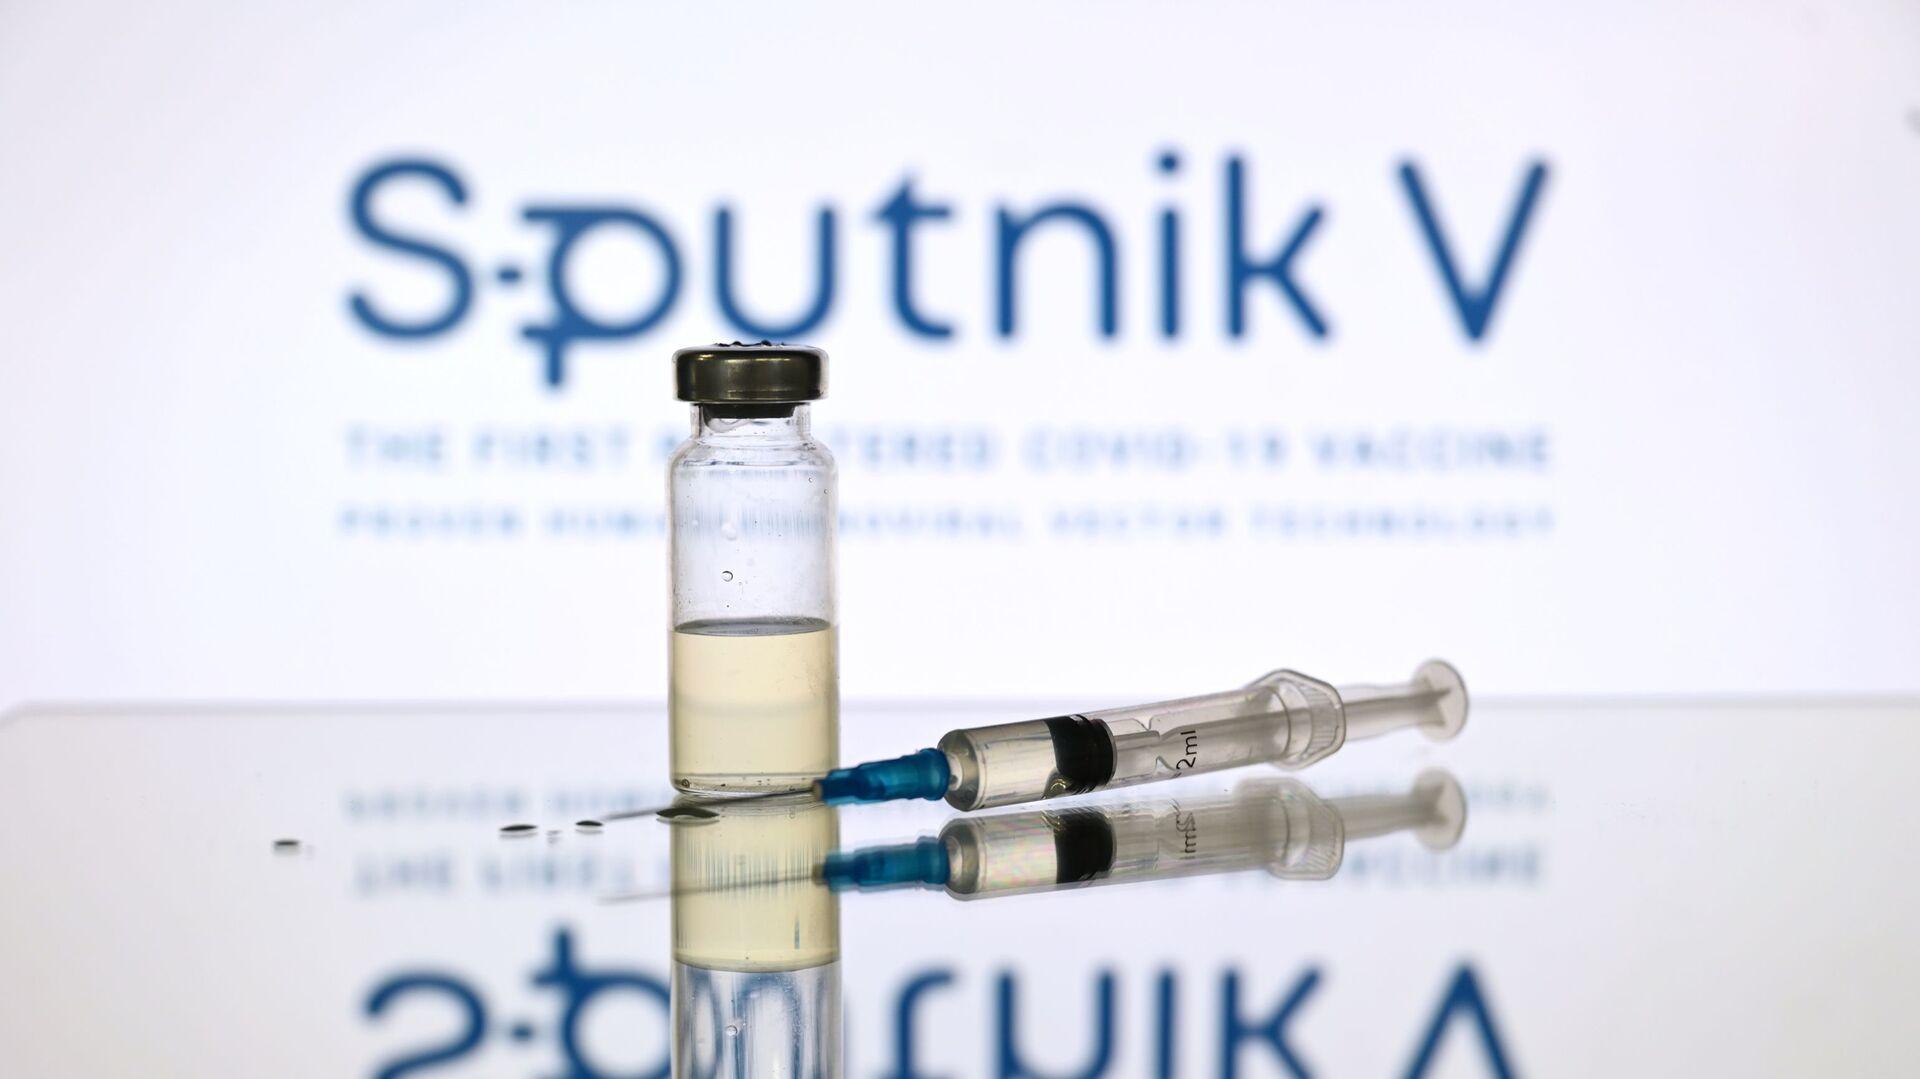 Ruská vakcína proti covidu-19 Sputnik V  - Sputnik Česká republika, 1920, 19.02.2021